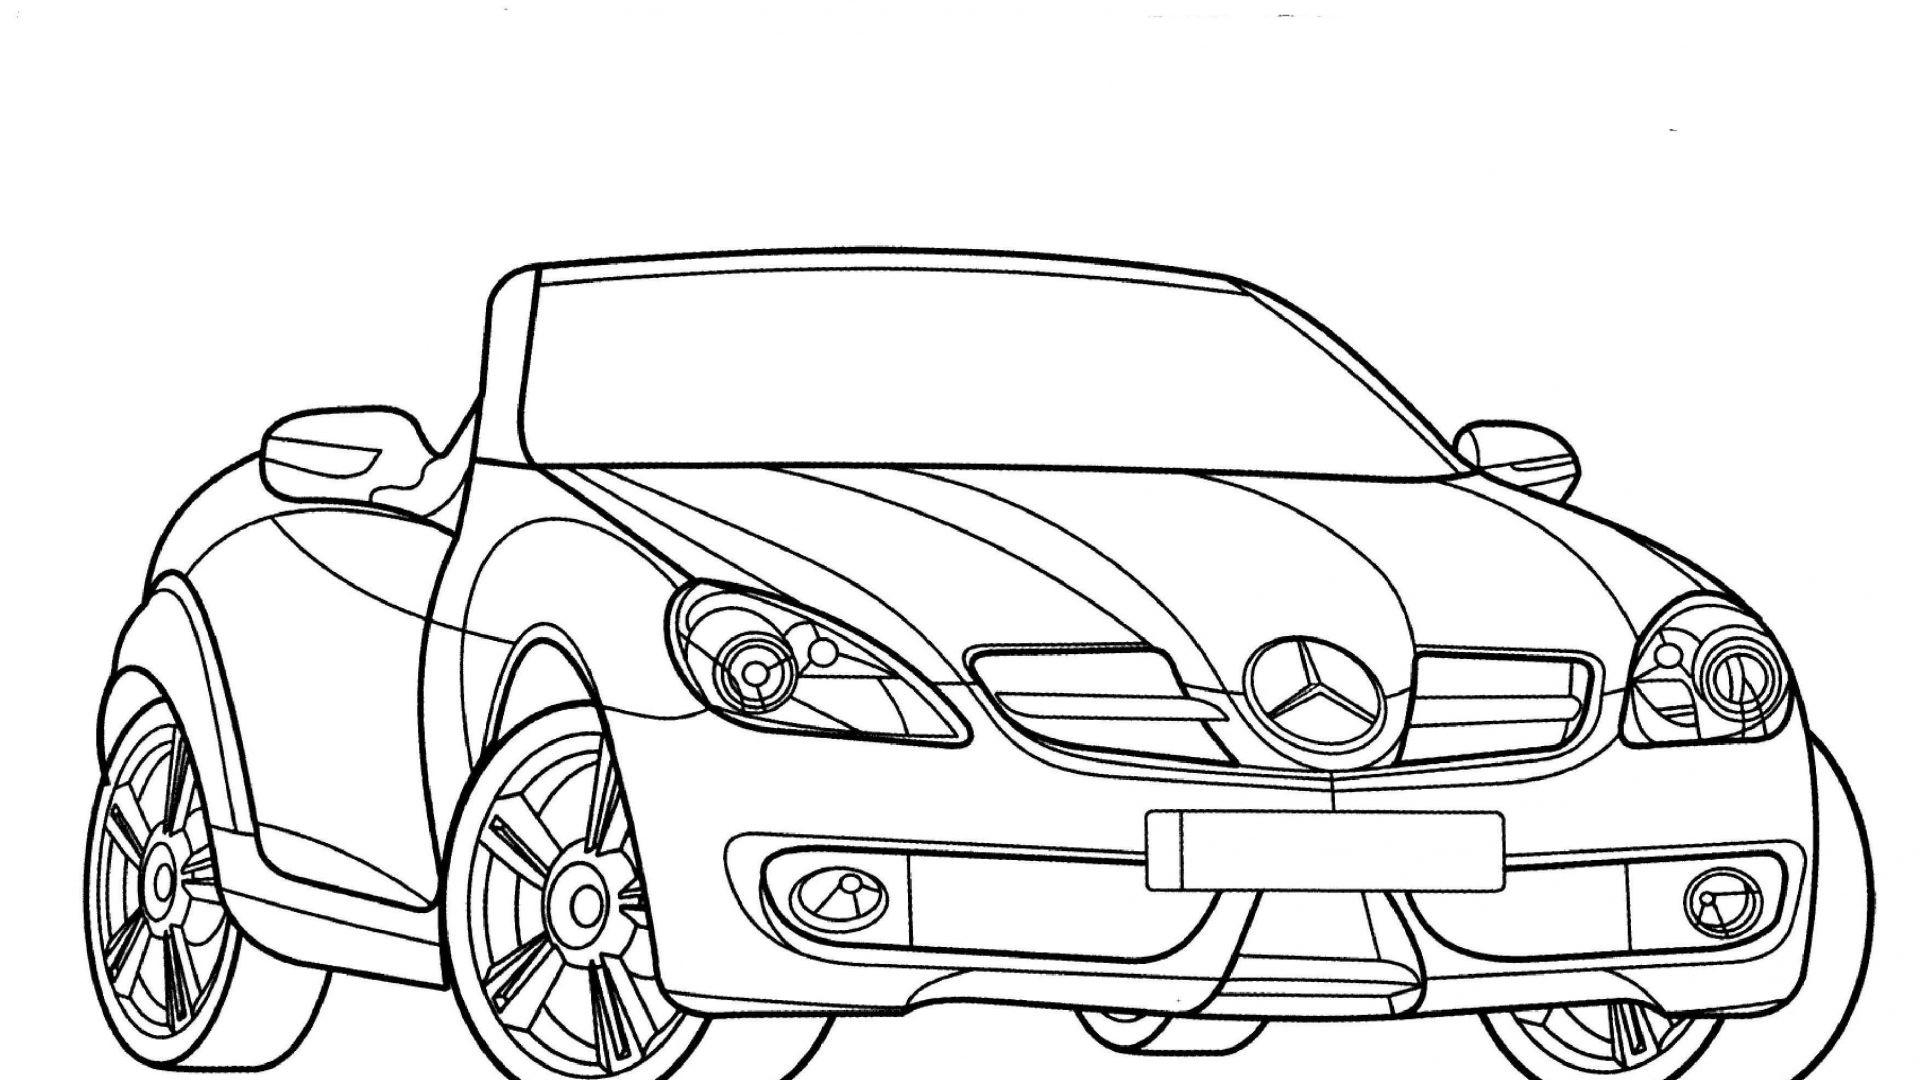 1920x1080 Super Car Mercedes Benz 540k Coloring Page Inspirational Mercedes